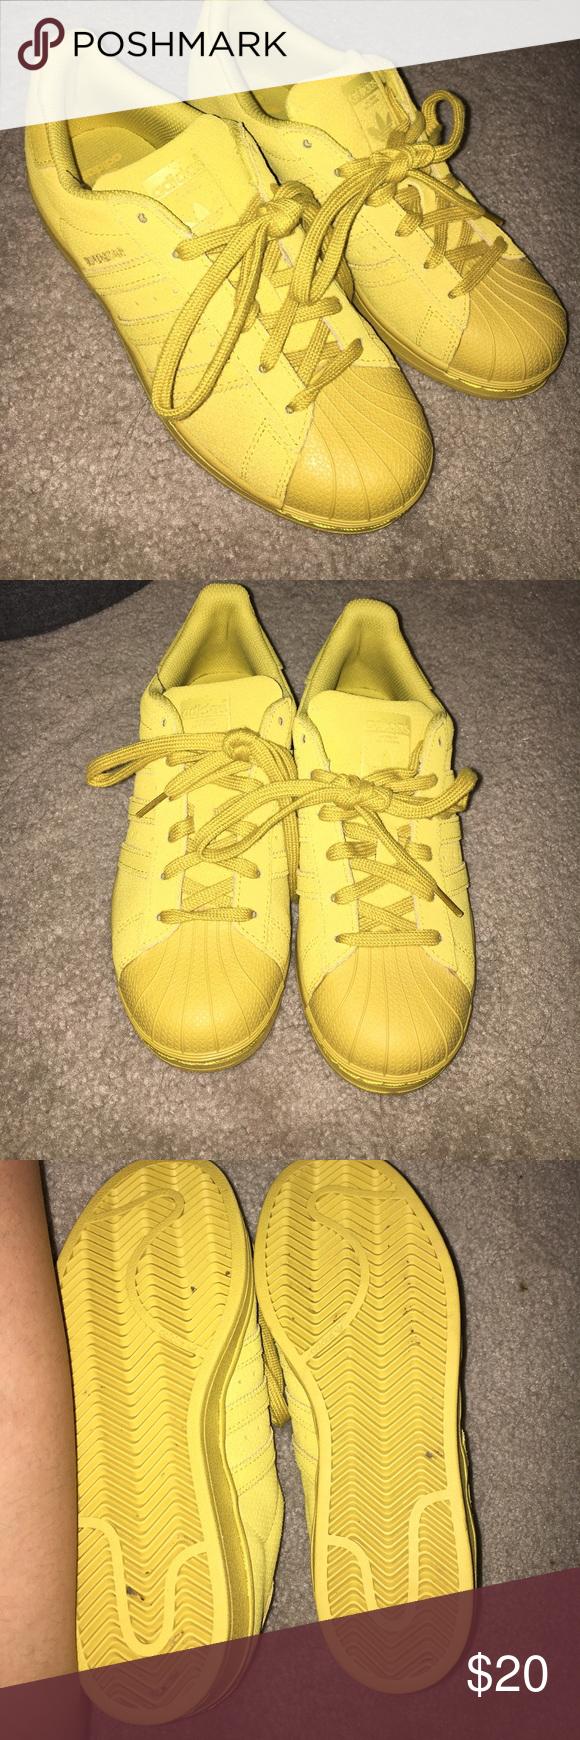 Adidas Superstar Giallo Senape Scarpe Sz 5 Uomini Di Vendere Un Paio Di